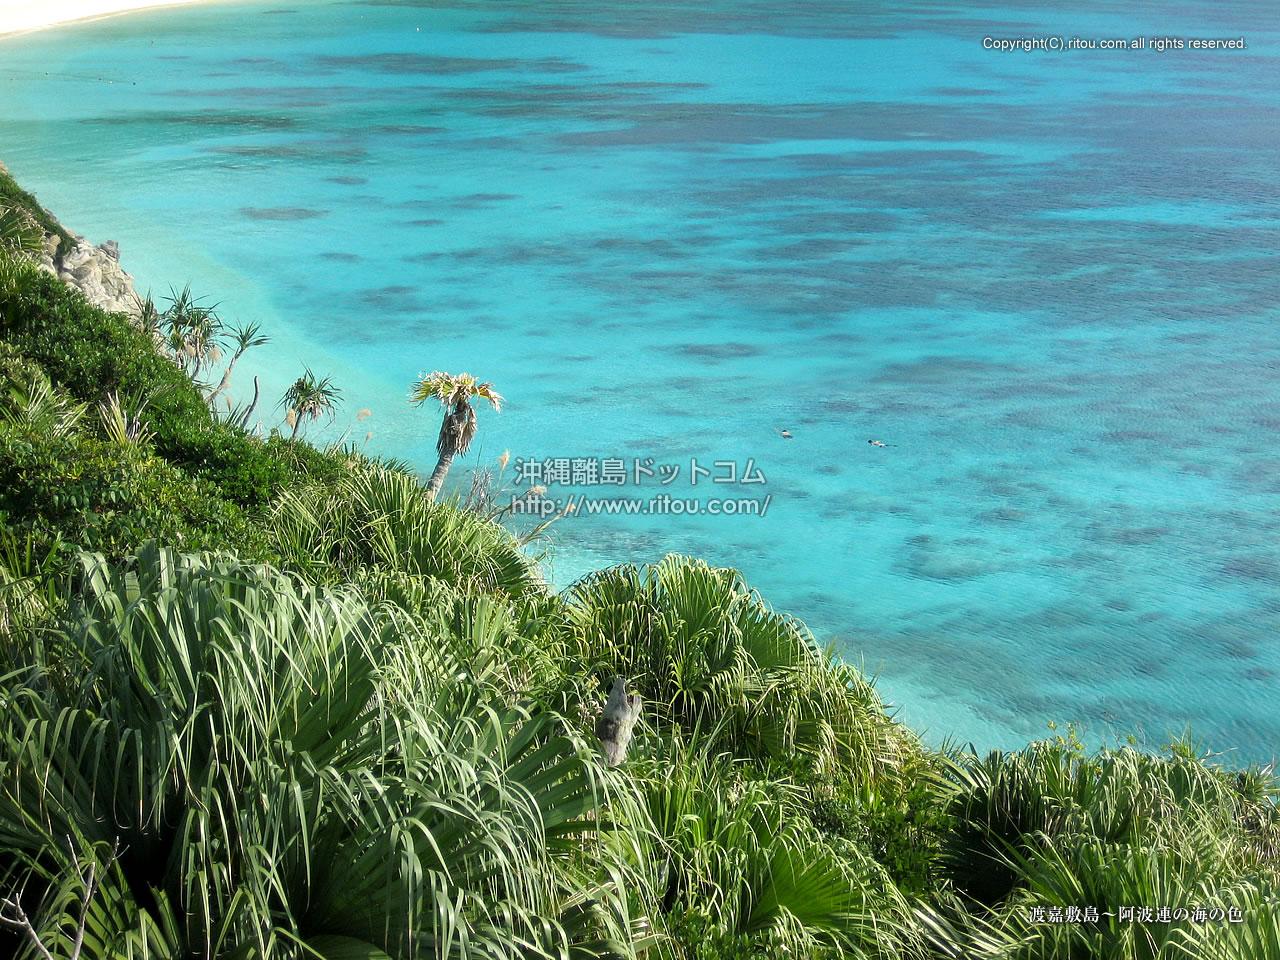 渡嘉敷島〜阿波連の海の色